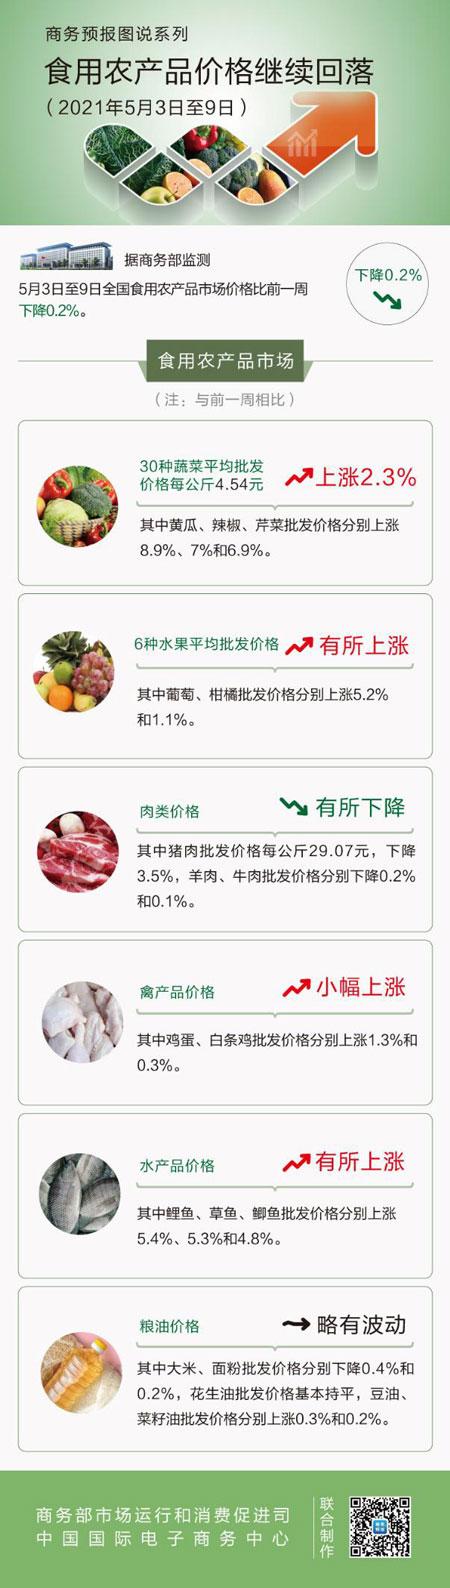 商务部:上周农产品价格比前一周降0.2%